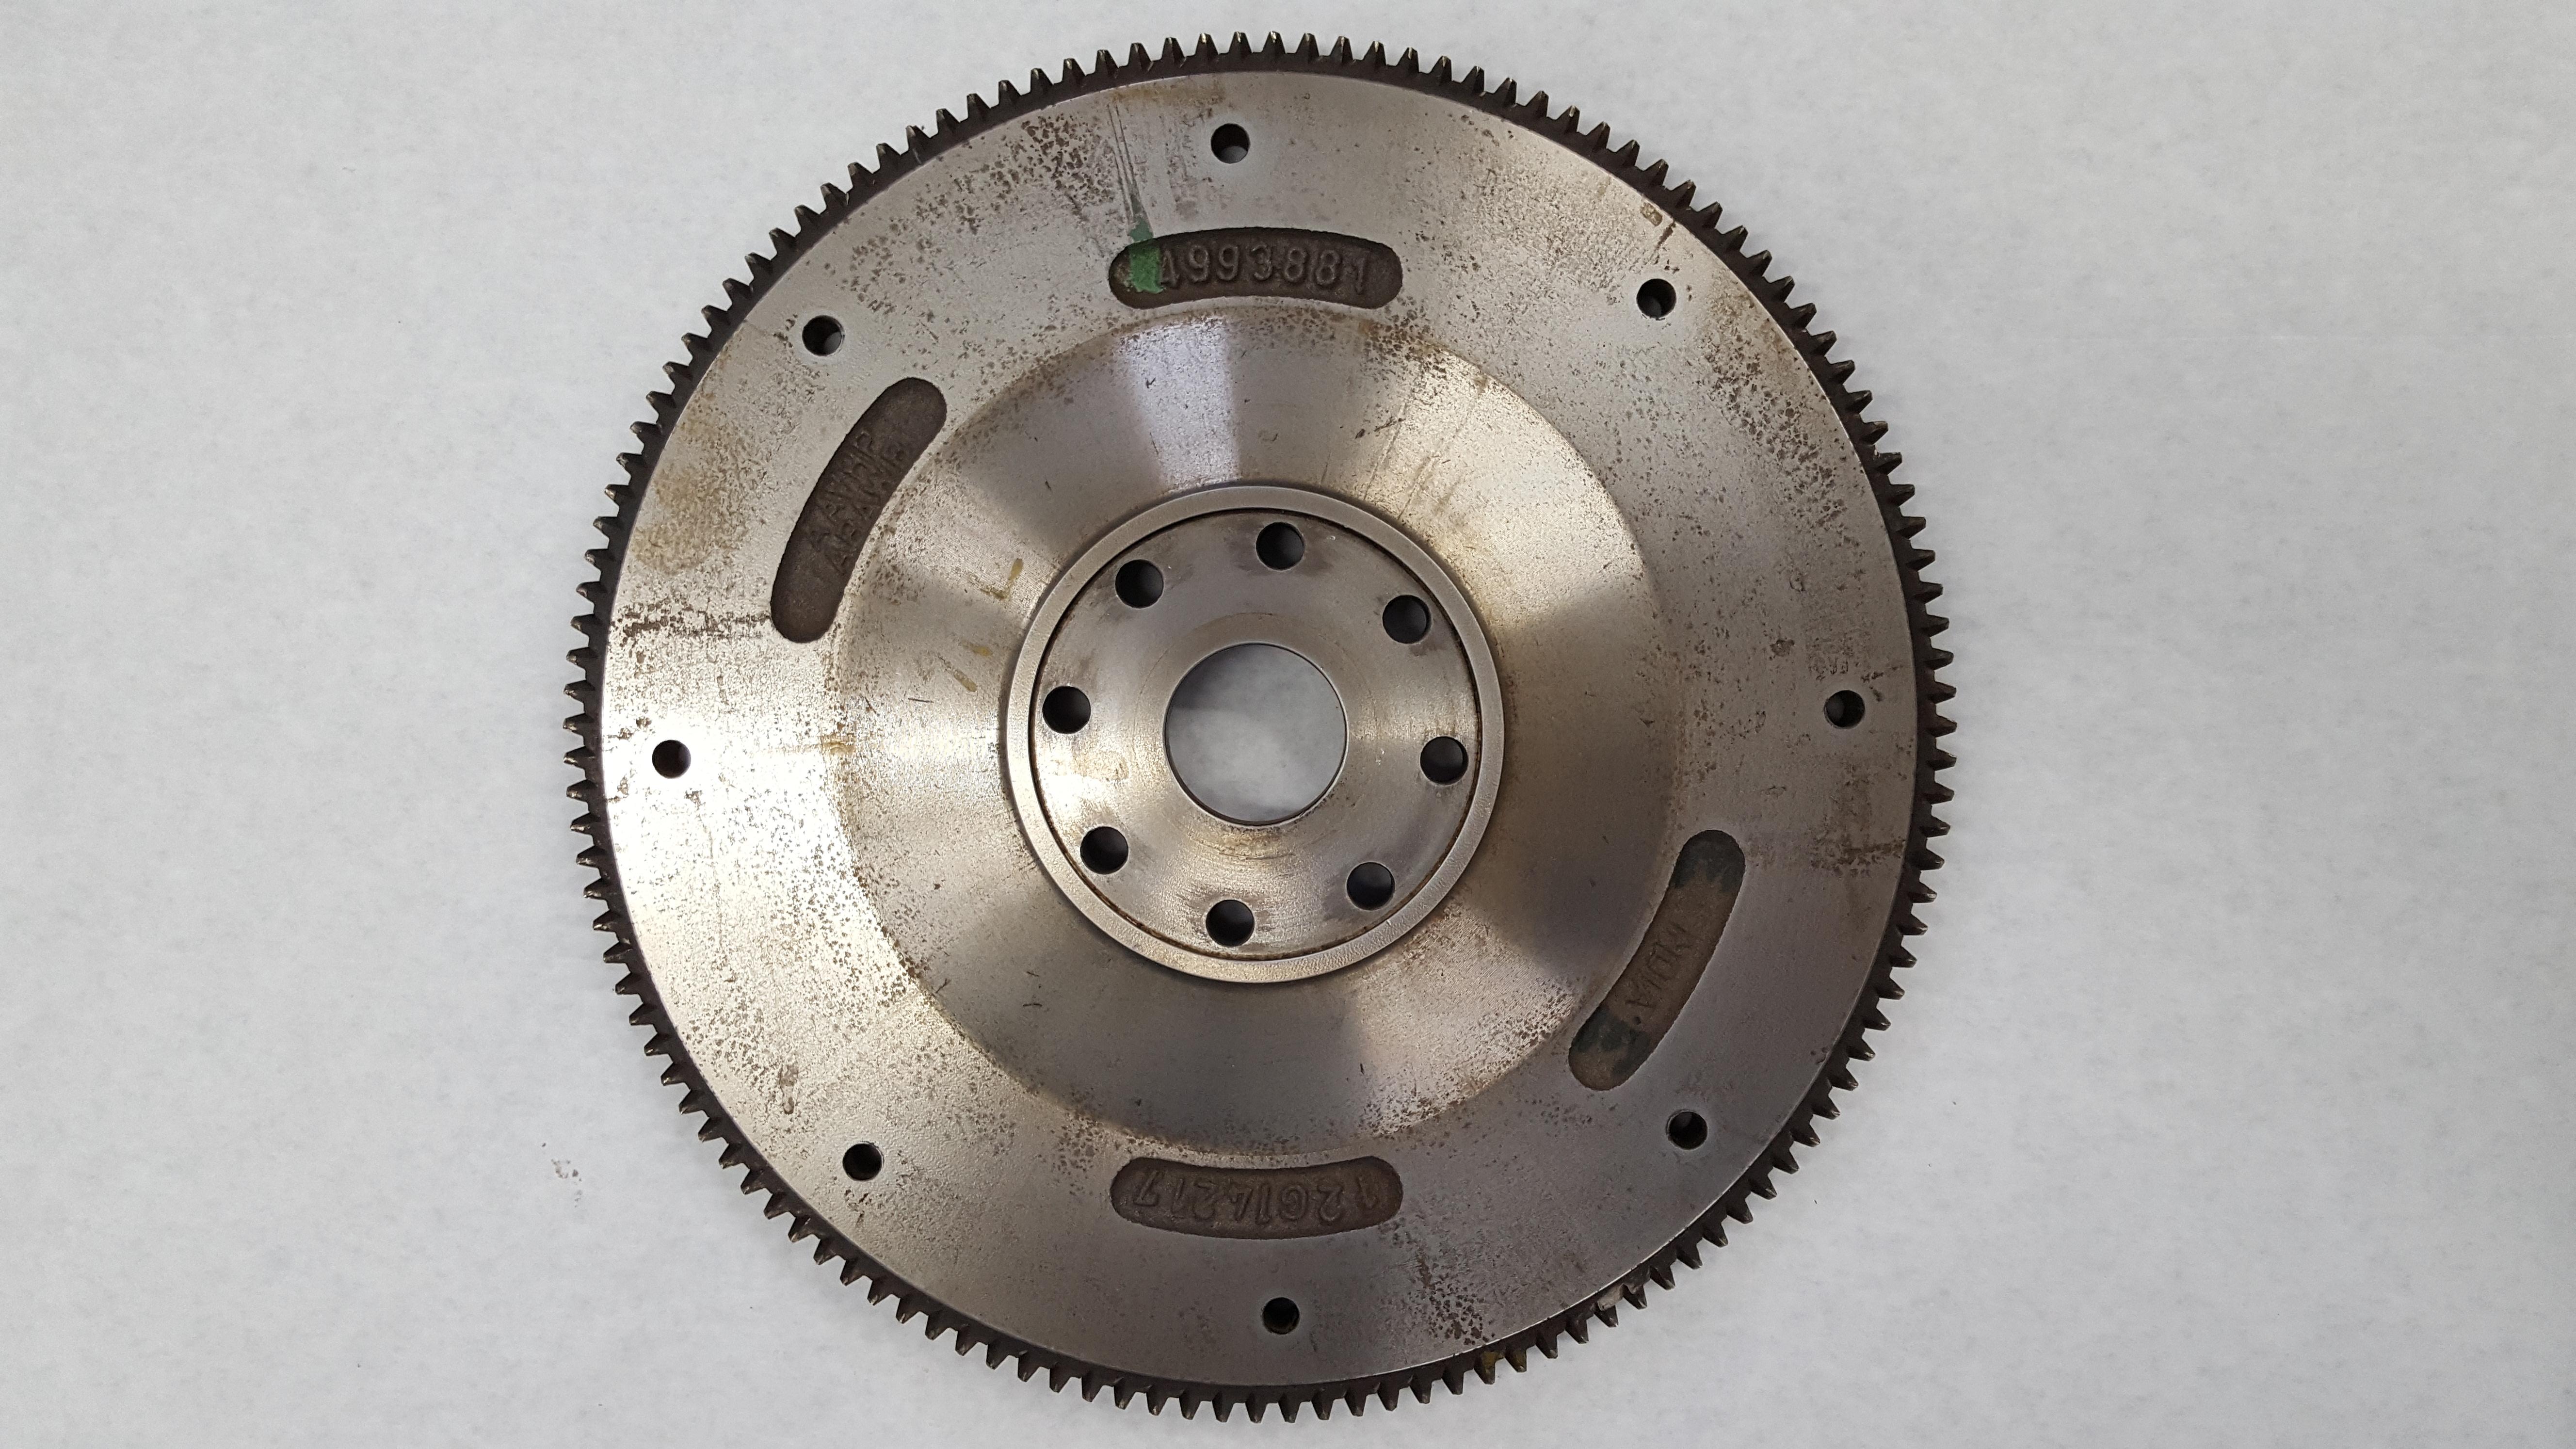 3973519 Cummins Flywheel Rear View